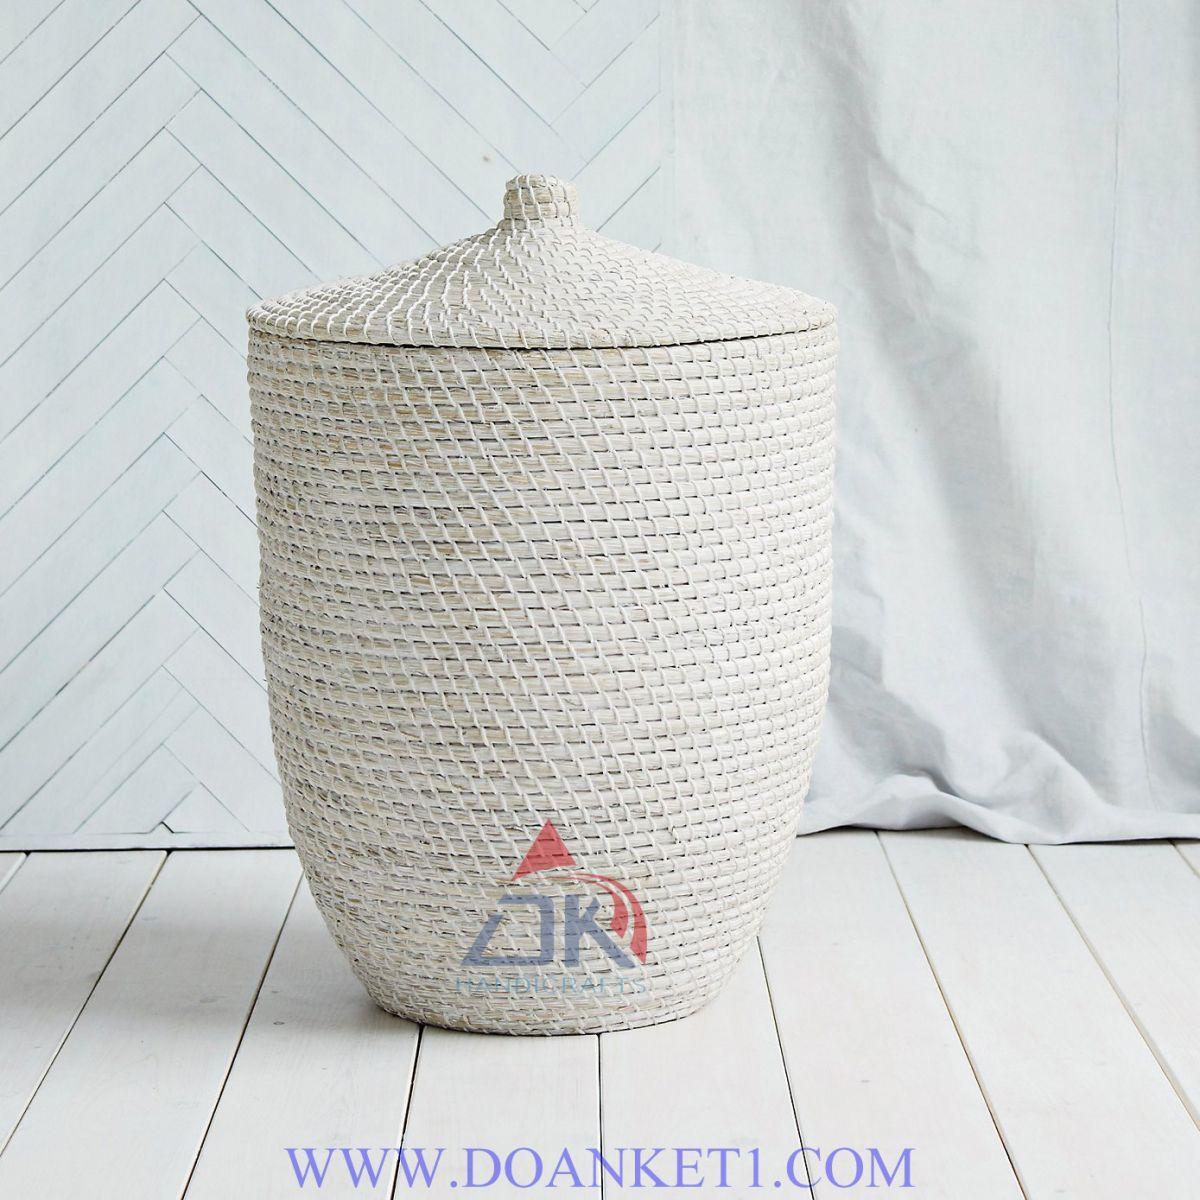 Seagrass Hamper # DK205